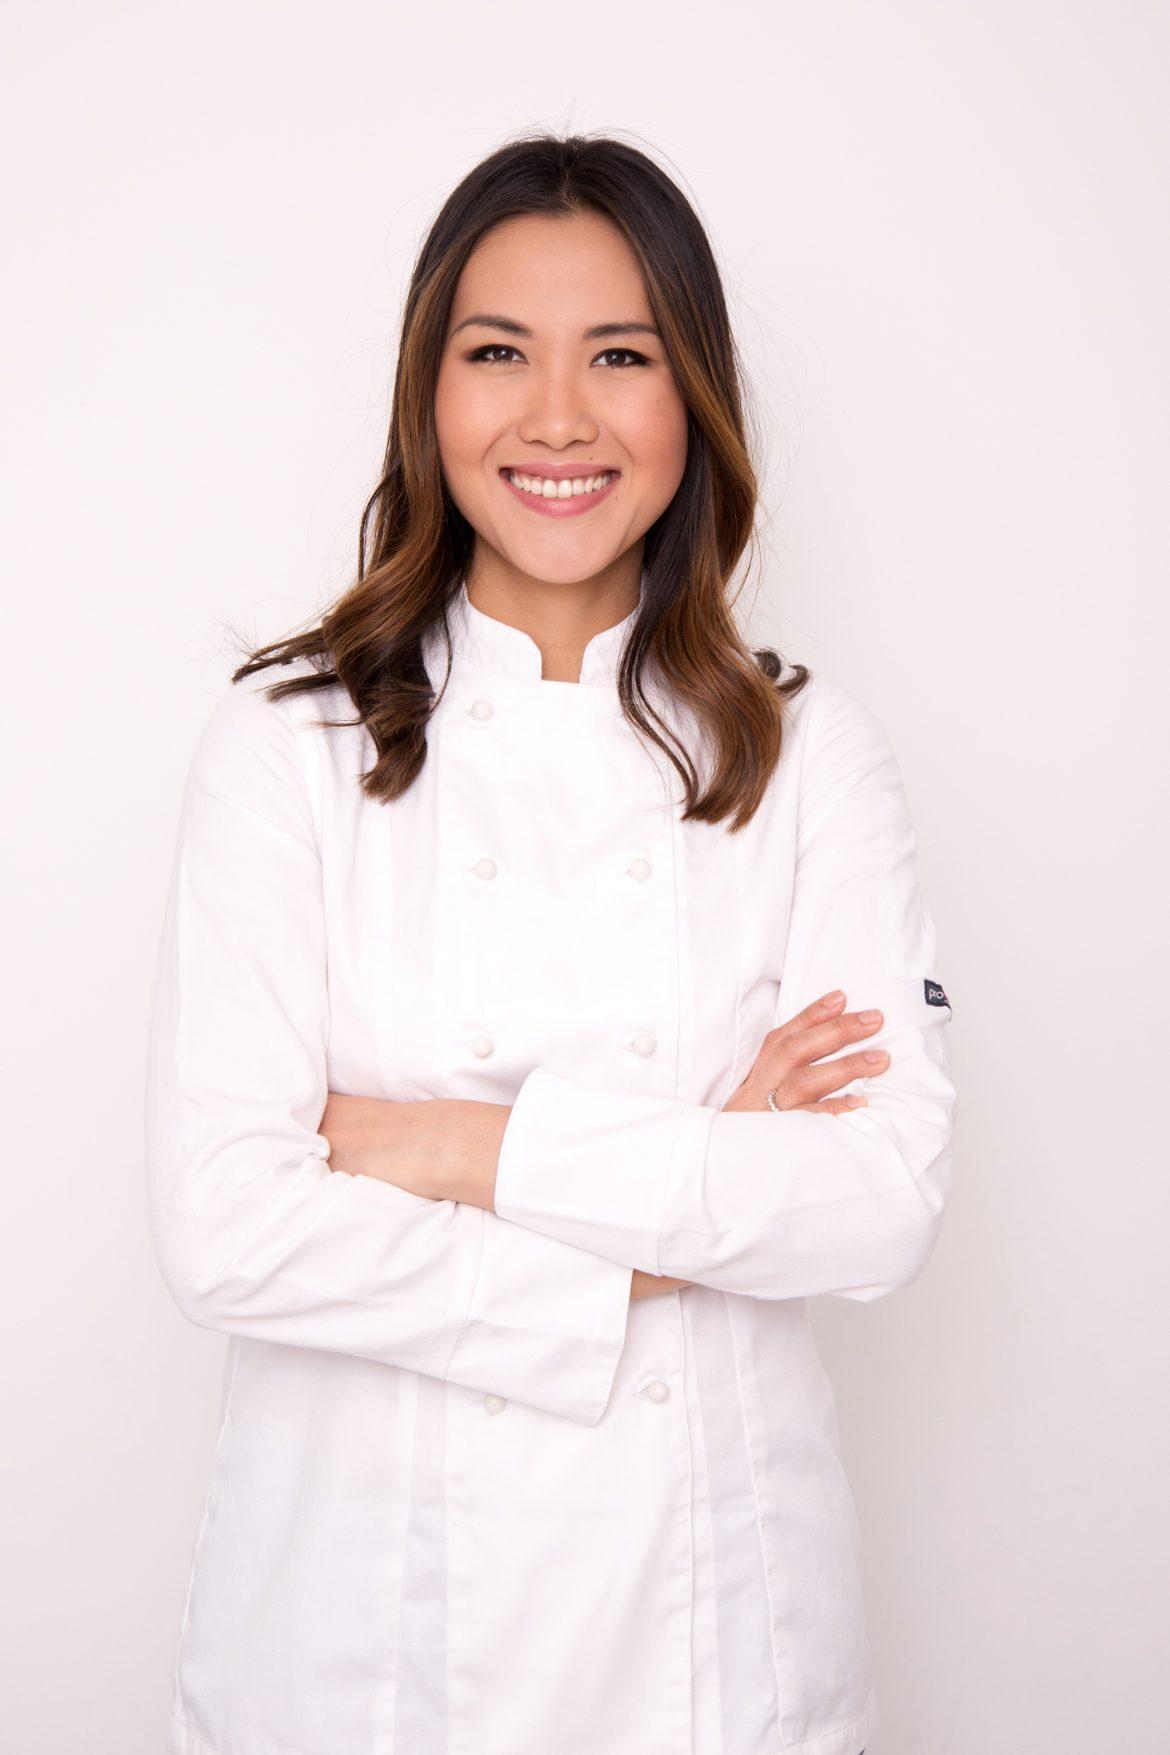 الطاهية الشهيرة ديانا تشان ضيفة مطعم ماستر شيف ذا تي في إكسبيرينس